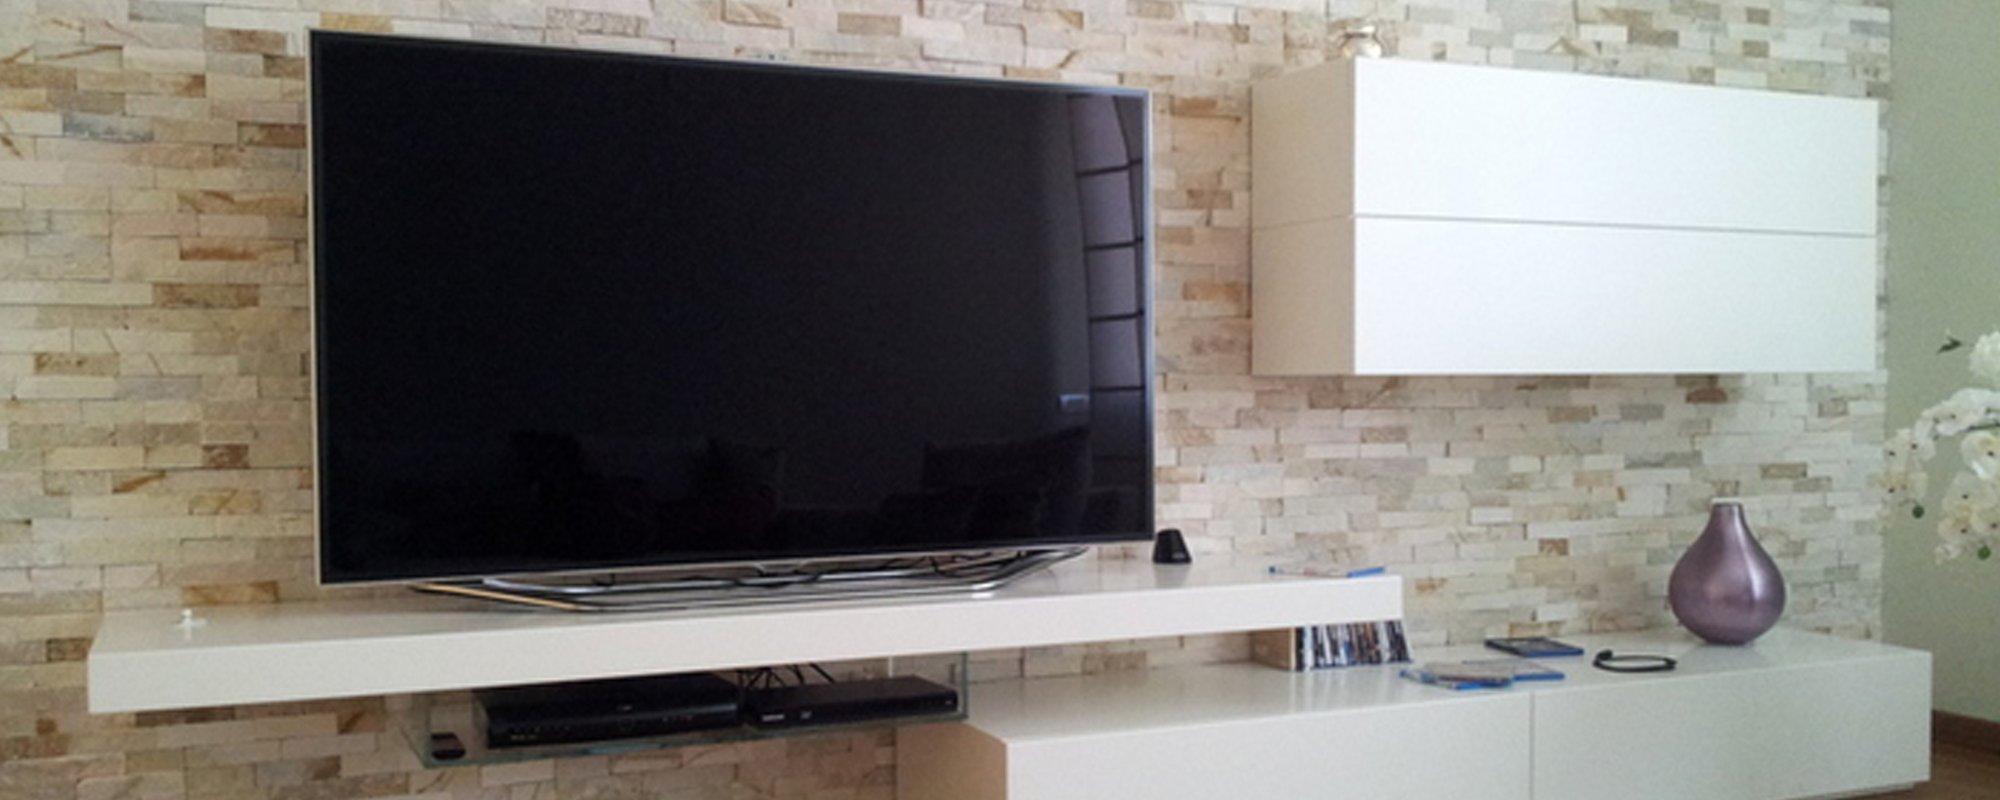 Soggiorno moderno con tv lcd in primo piano